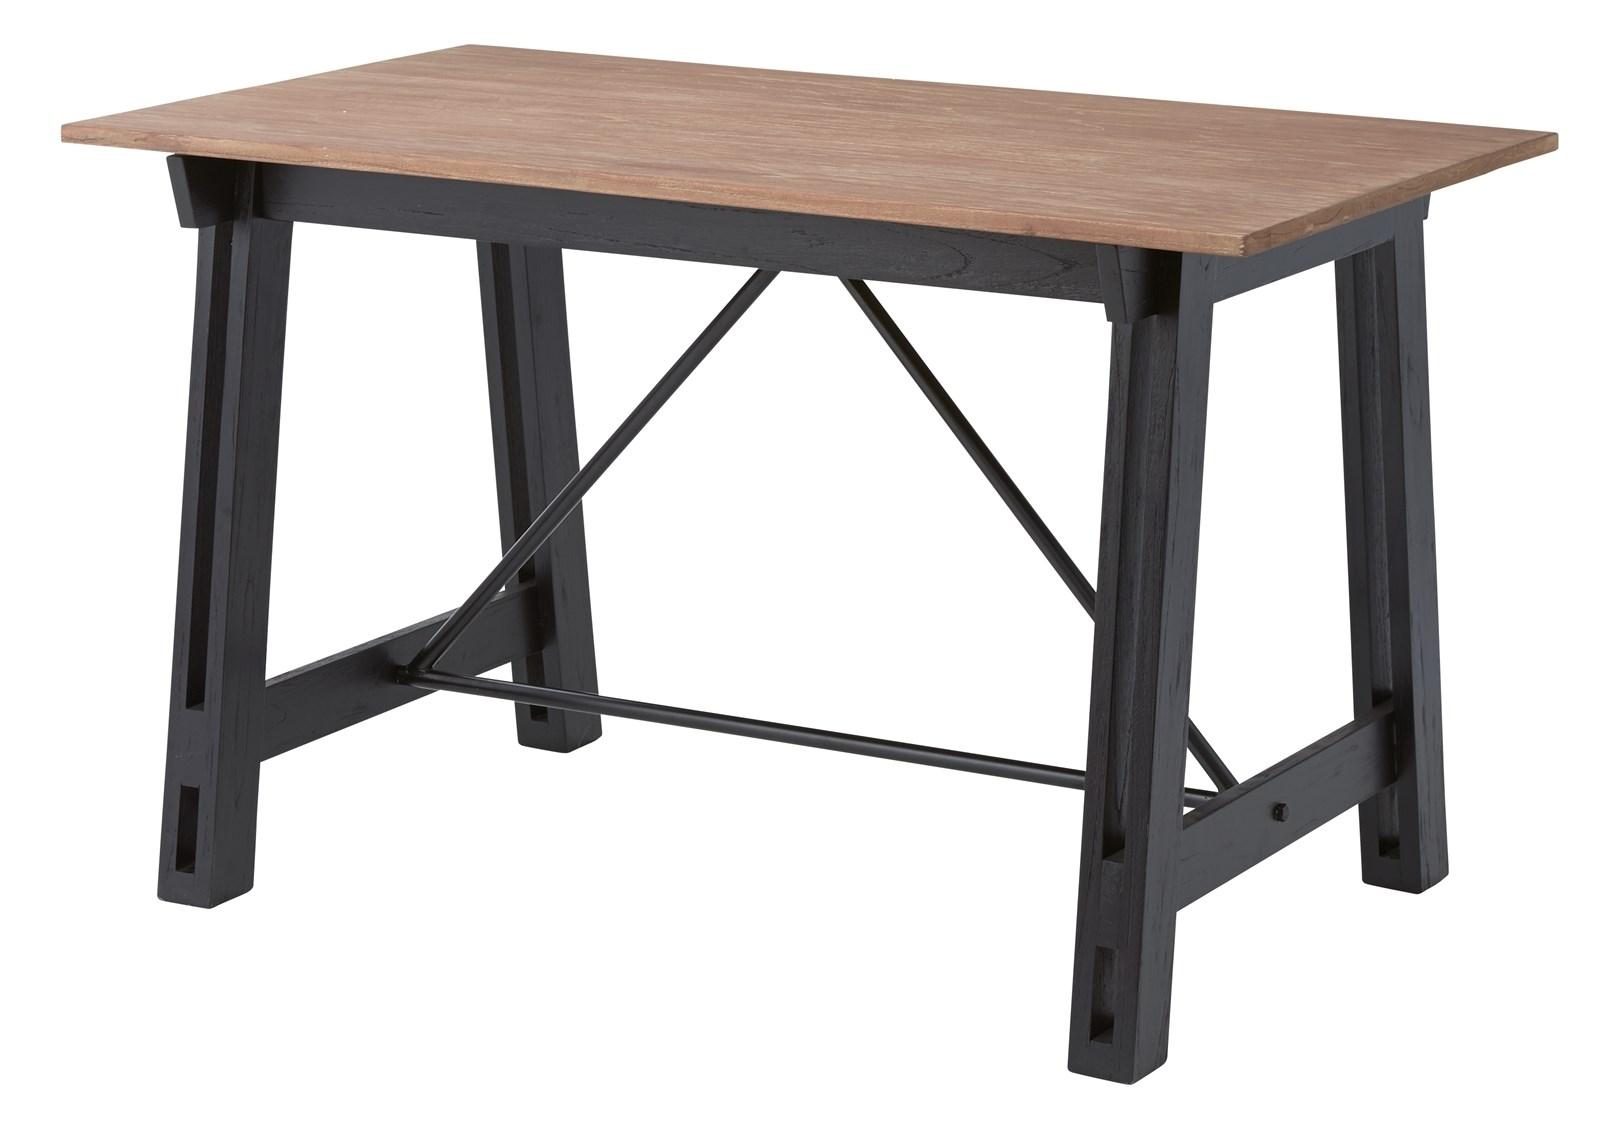 単品 アイザック ダイニングテーブル ダイニング用テーブル 食卓テーブル 机